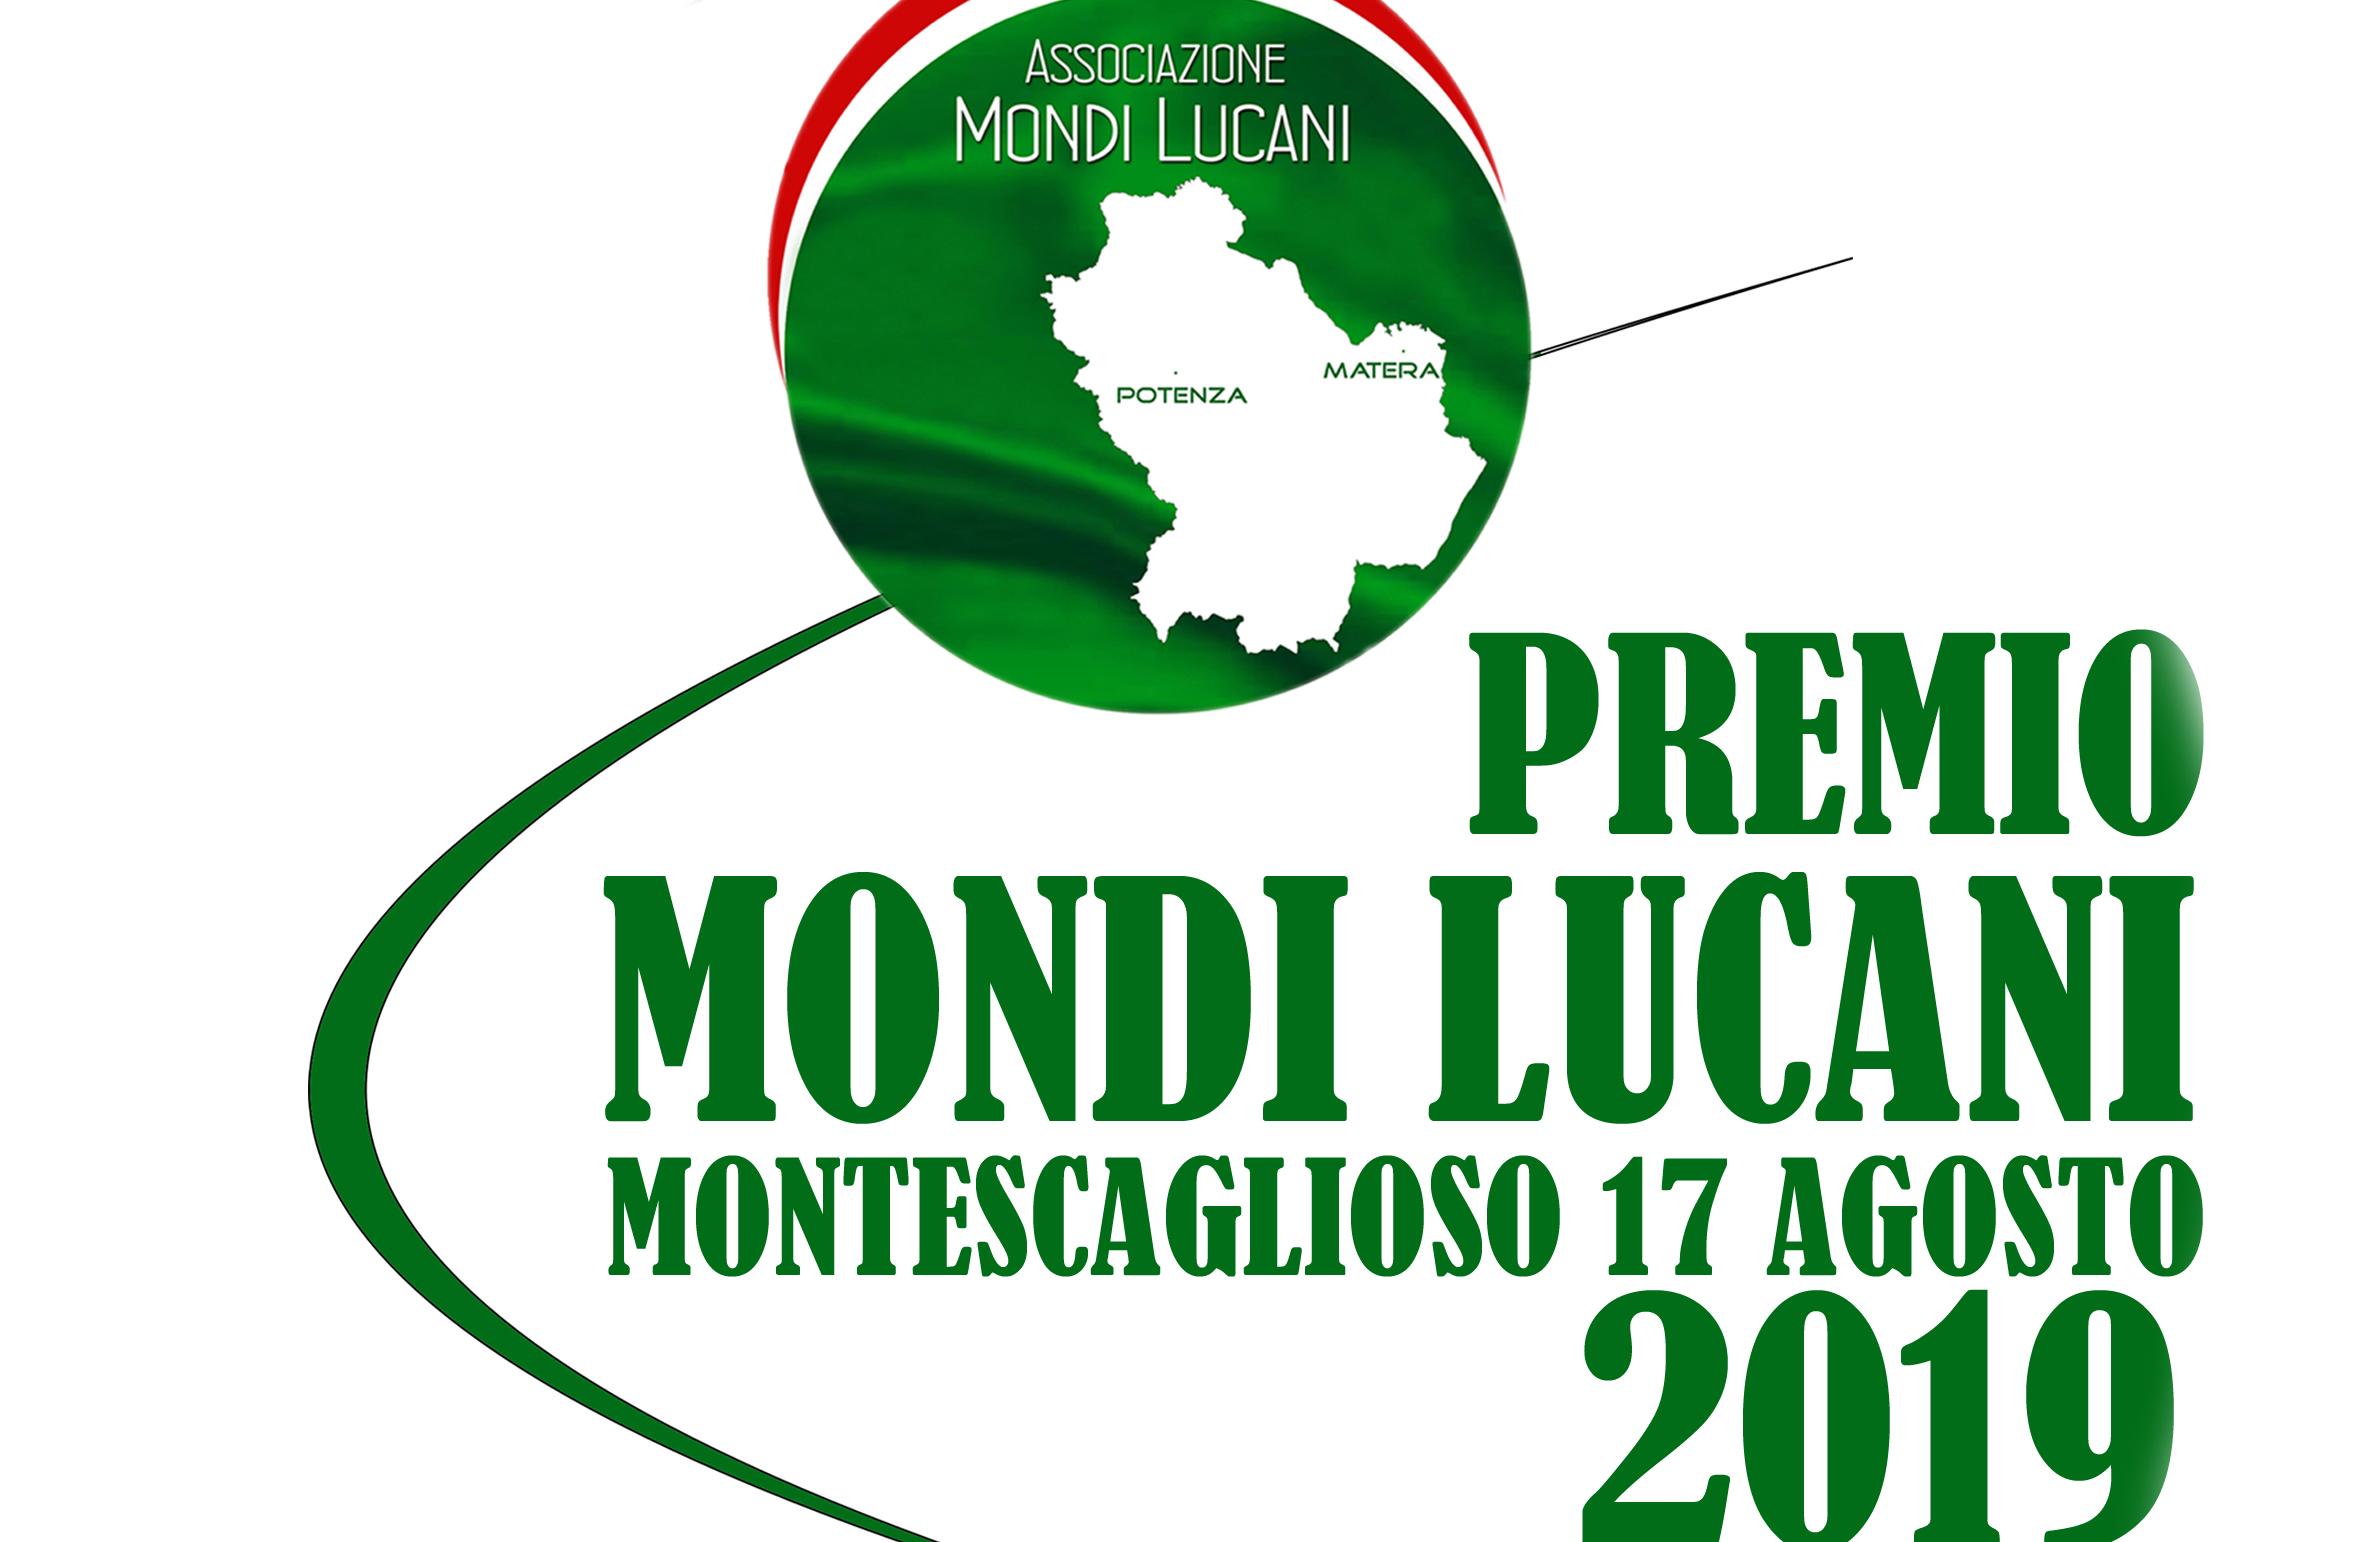 """Prima edizione """"Premio Mondi Lucani"""" Montescaglioso 17 agosto 2019"""